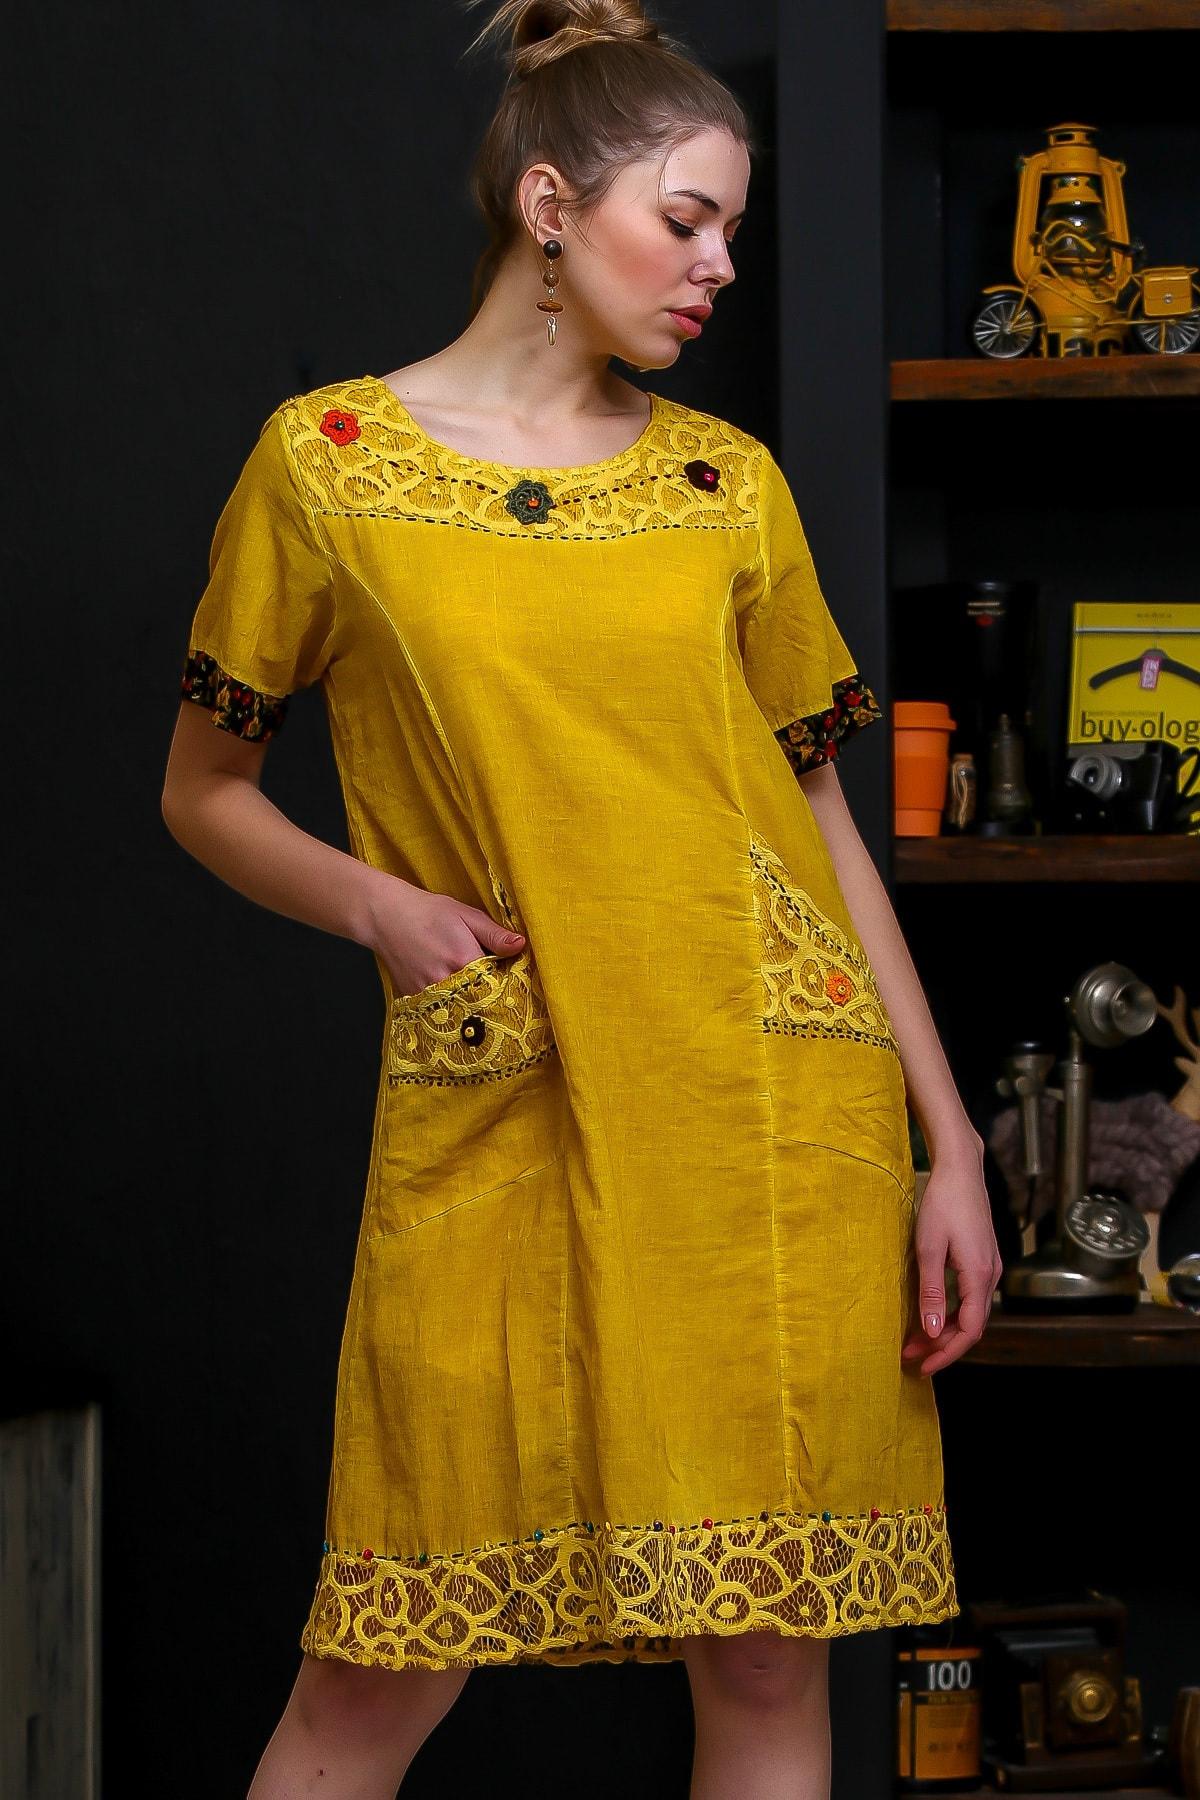 Chiccy Kadın Hardal Robası Dantel El İşi Çiçek Detay Cepli Astarlı Yıkamalı Dokuma Elbise M10160000EL95870 0